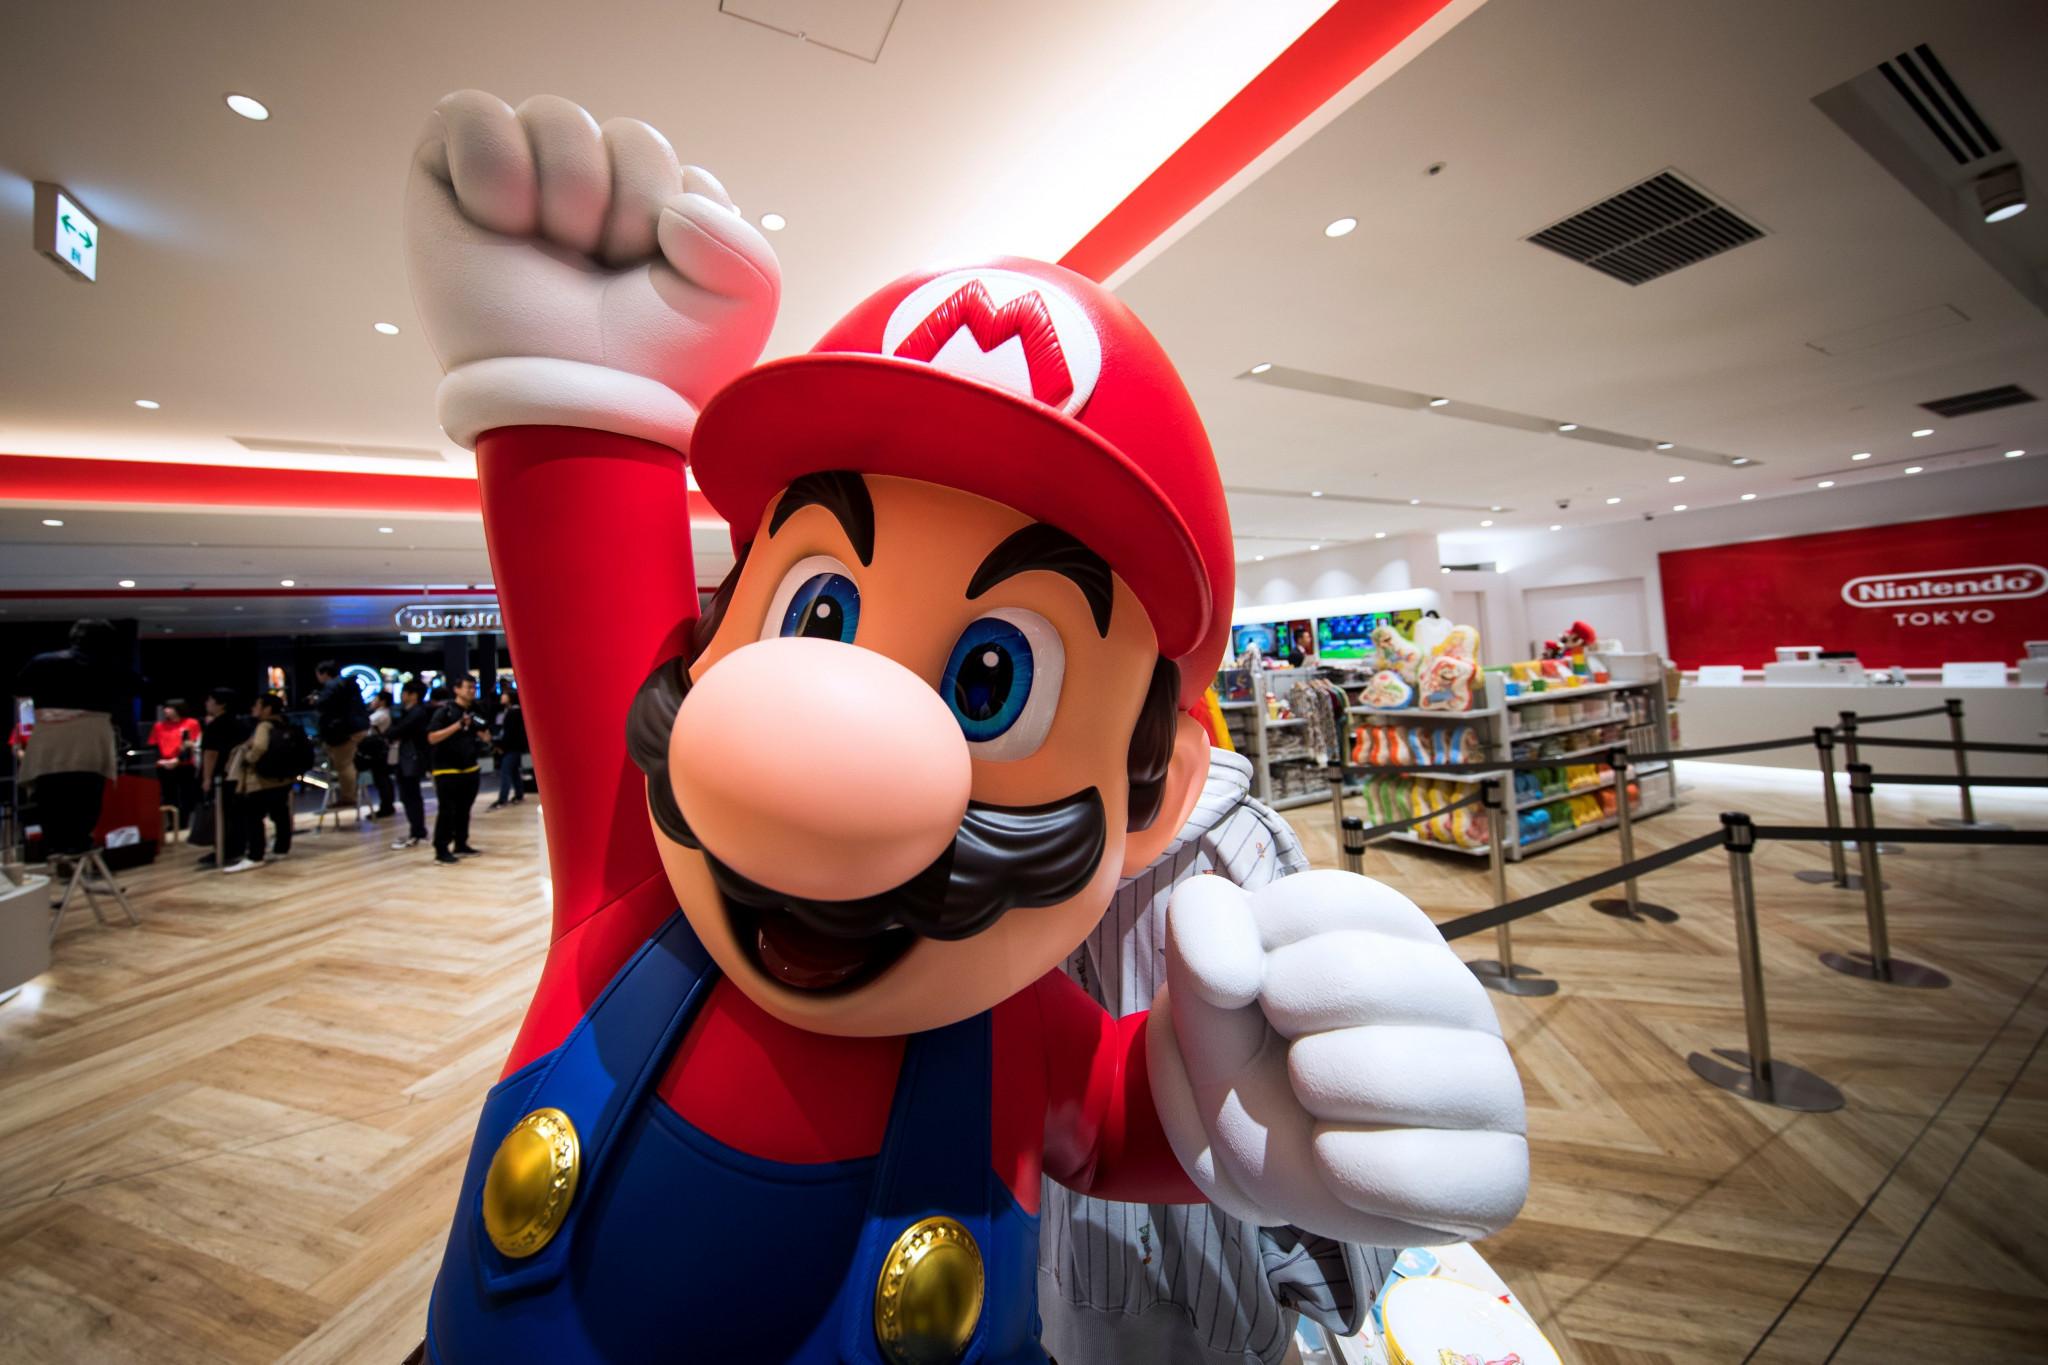 Марио и летающие машины появляться на церемонии открытия Токио-2020